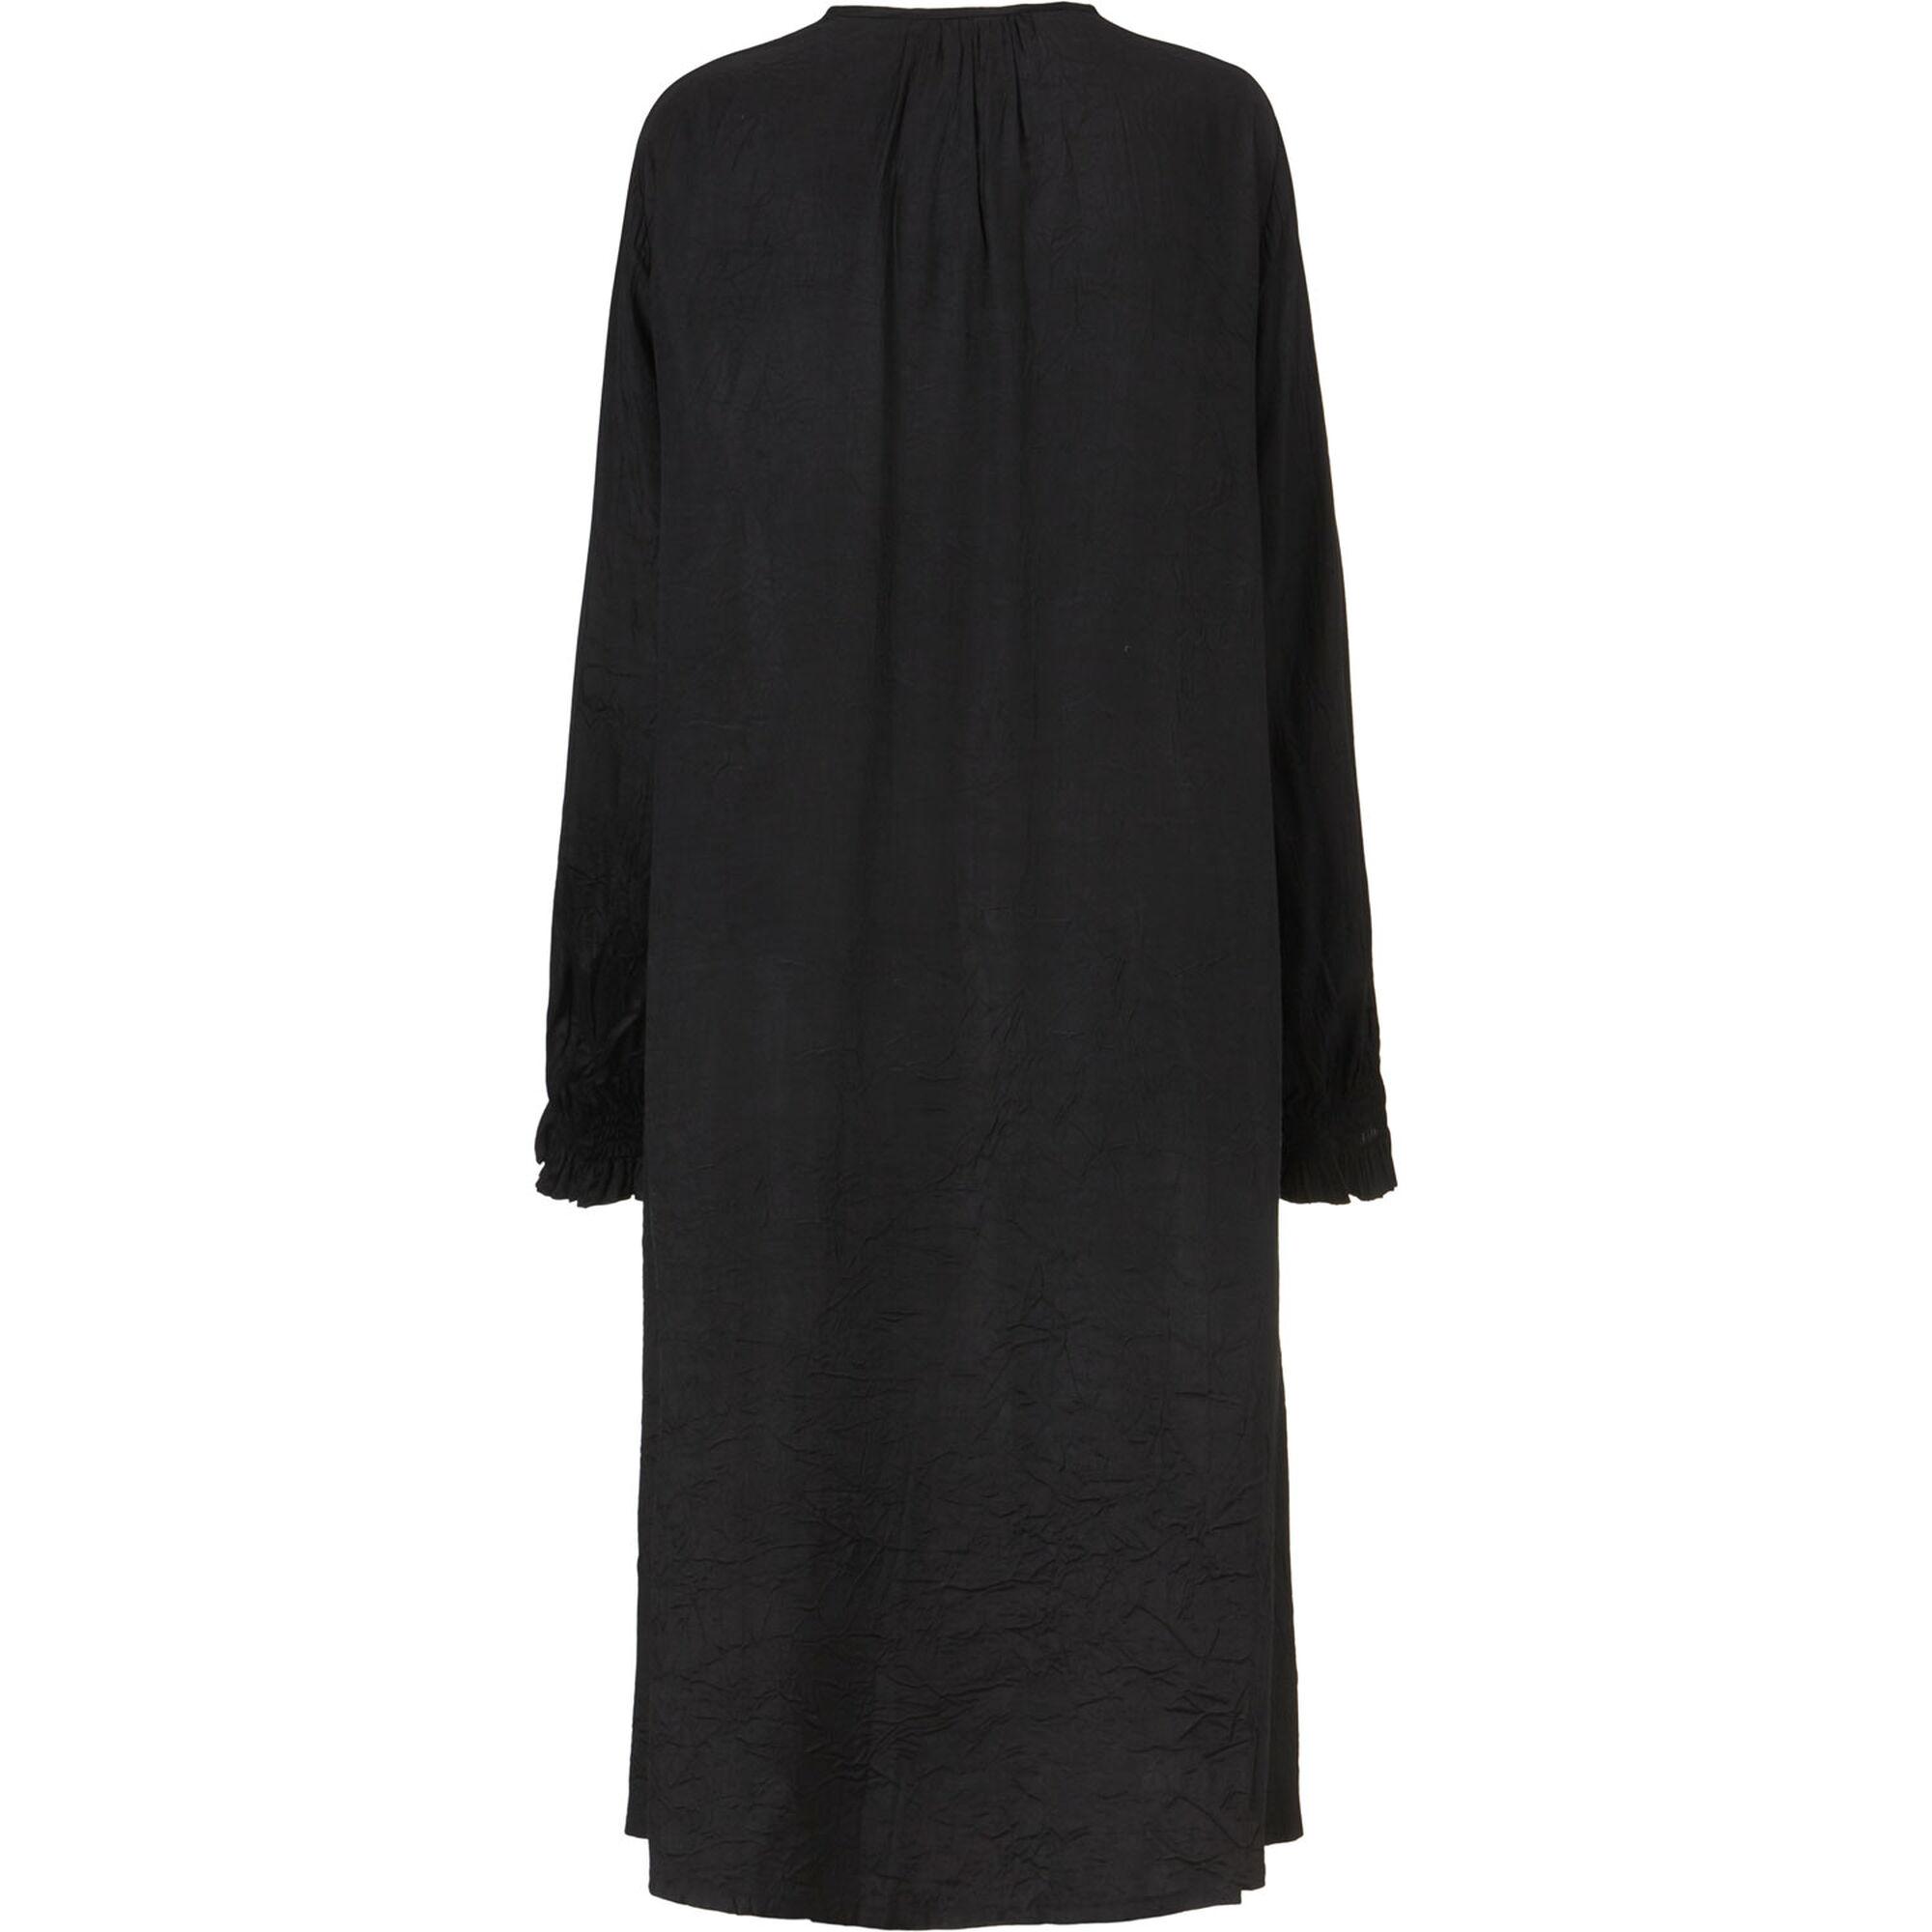 NOTILA DRESS, Black, hi-res